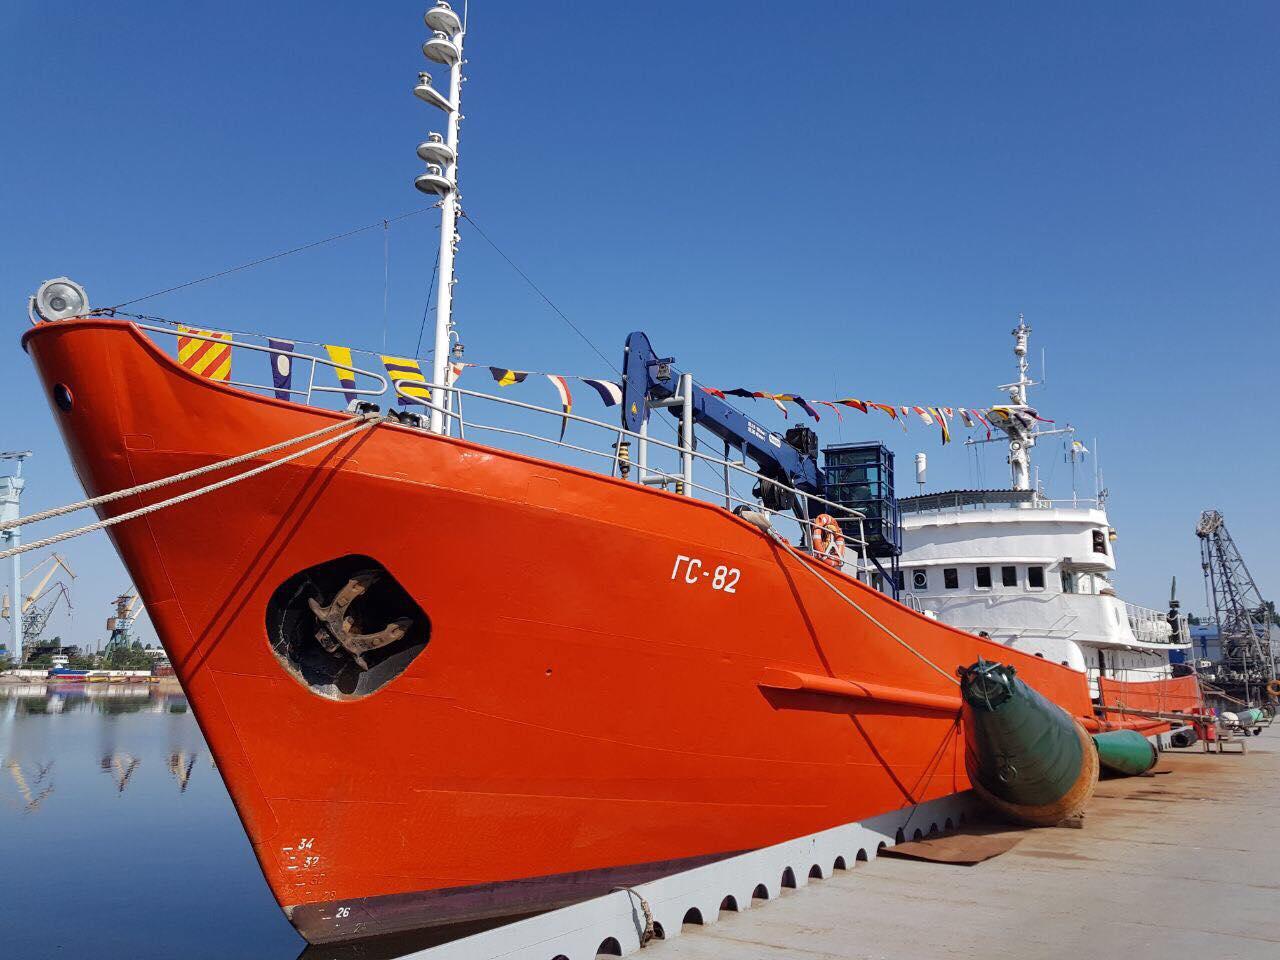 Найбільше гідрографічне судно України відсвяткувало своє 50-річчя